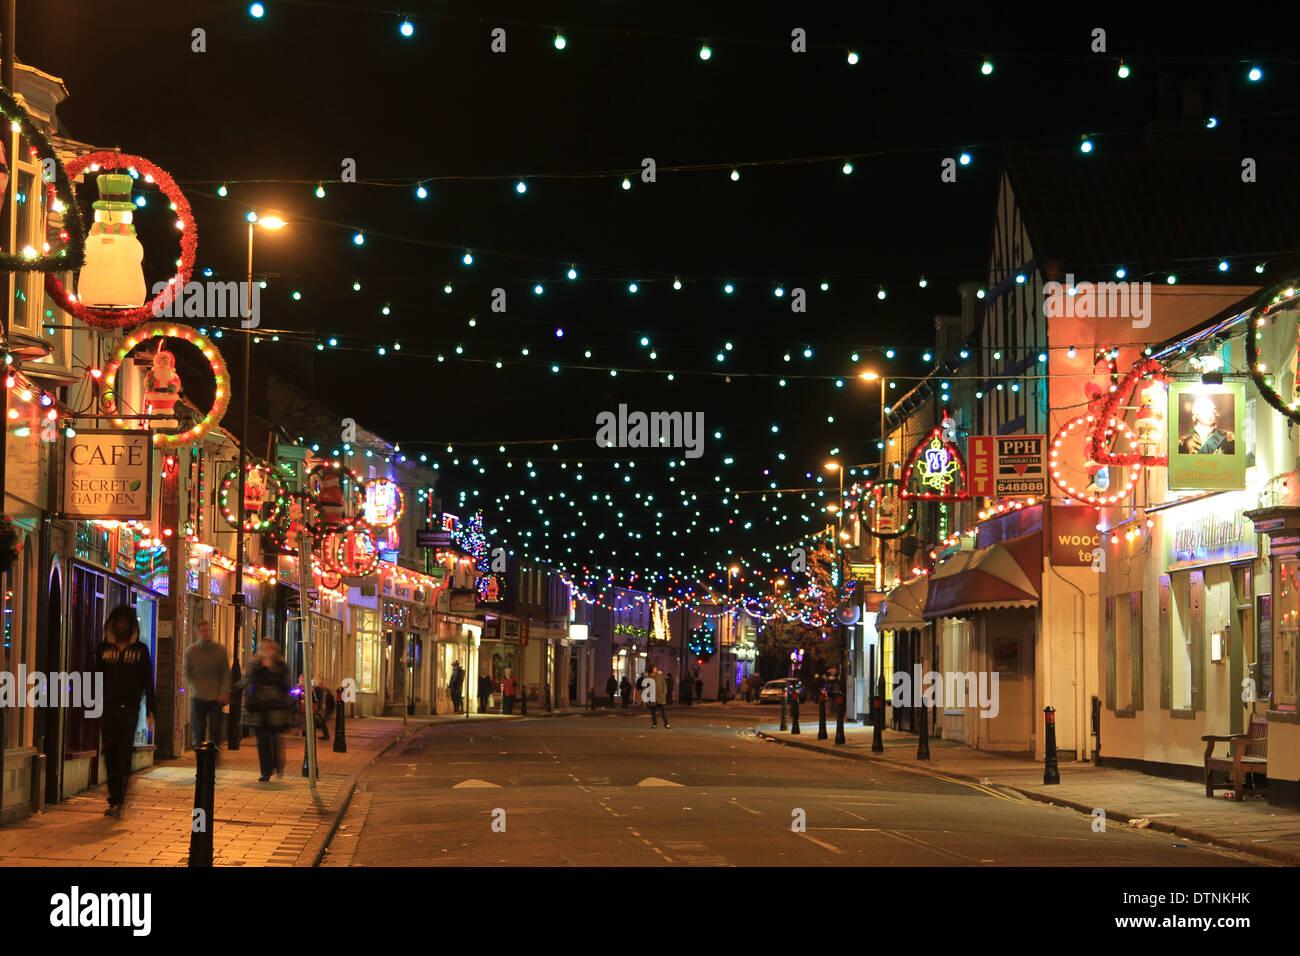 Las luces de Navidad, Hallgate, Cottingham, East Yorkshire Foto de stock